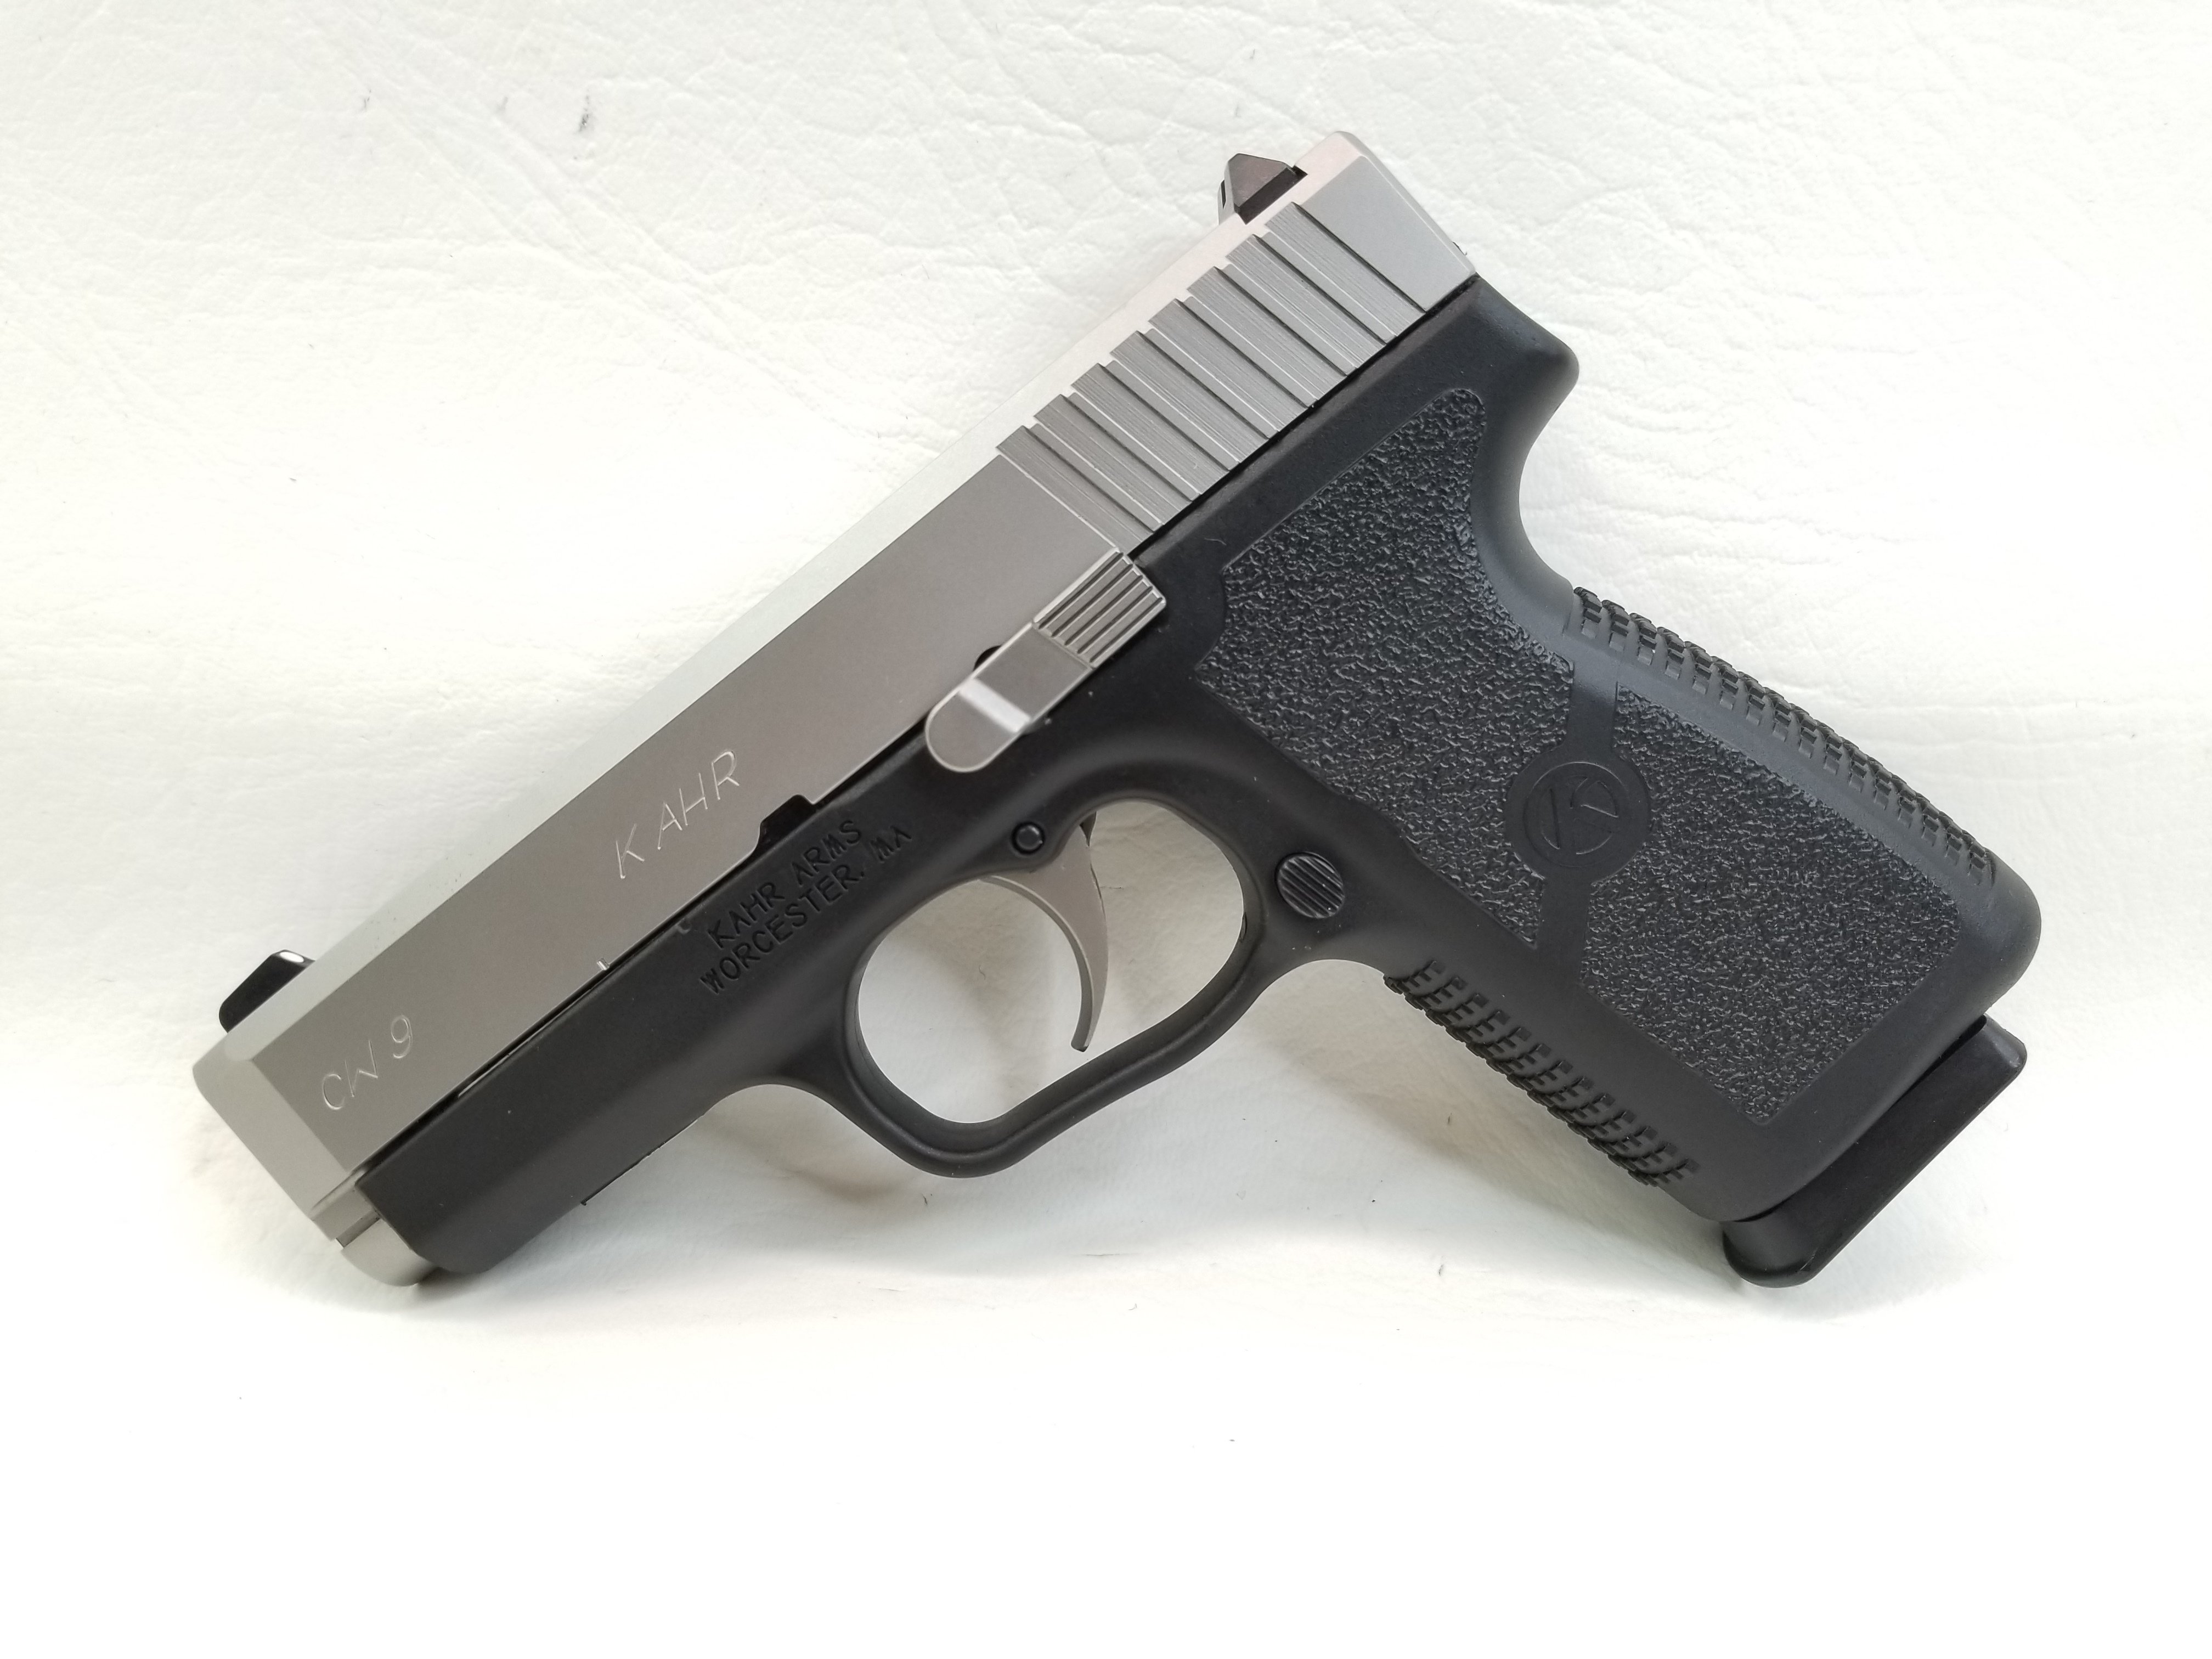 Kahr Model CW9 9mm Semi Auto in Original Box - Semi Auto Pistols at